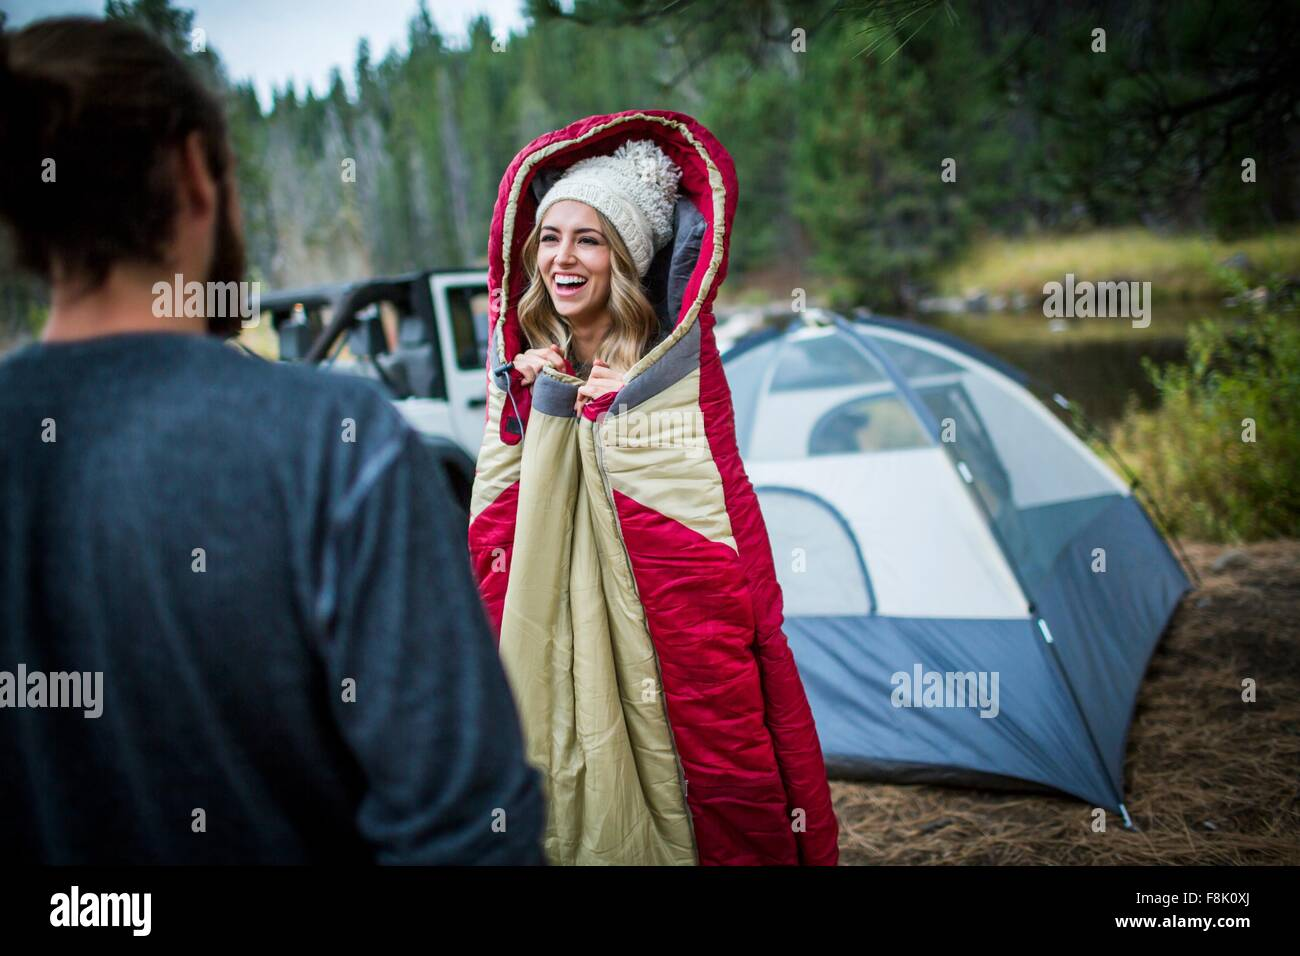 Joven mujer vistiendo knit hat envuelto en saco de dormir, Lake Tahoe, Nevada, EE.UU. Imagen De Stock